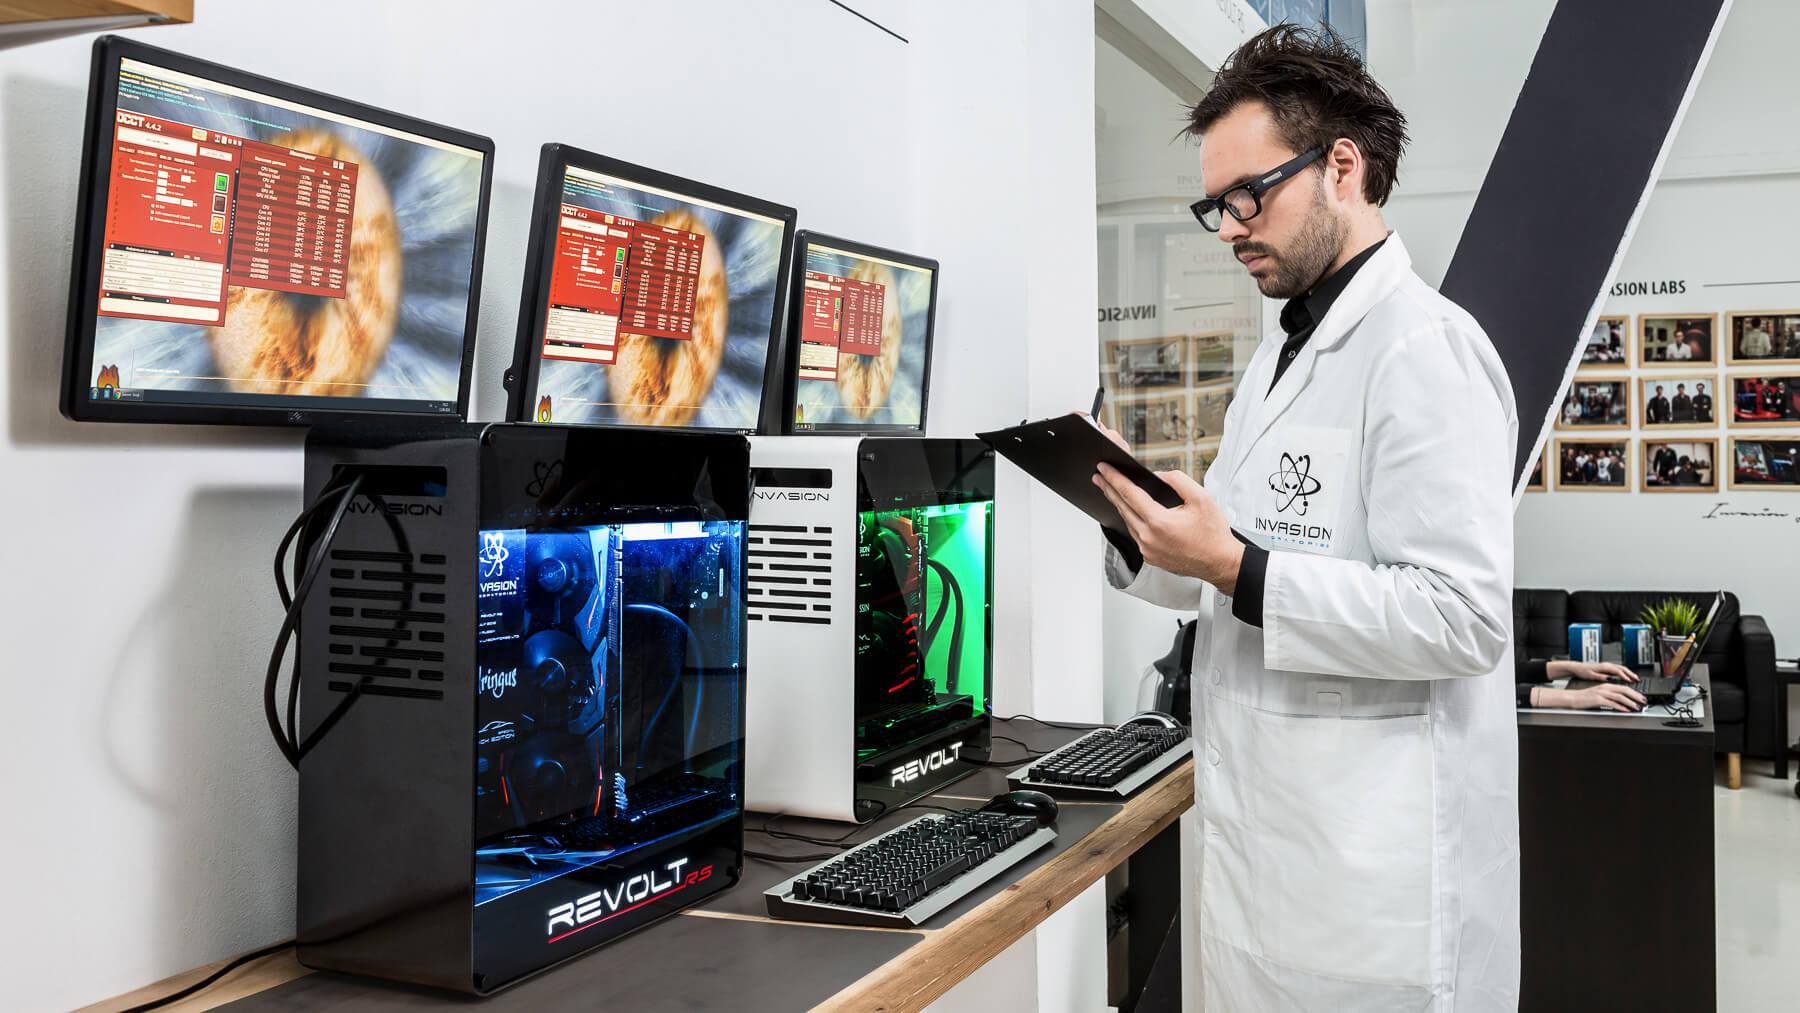 Экскурсия по INVASION Labs: тестирование компьютеров